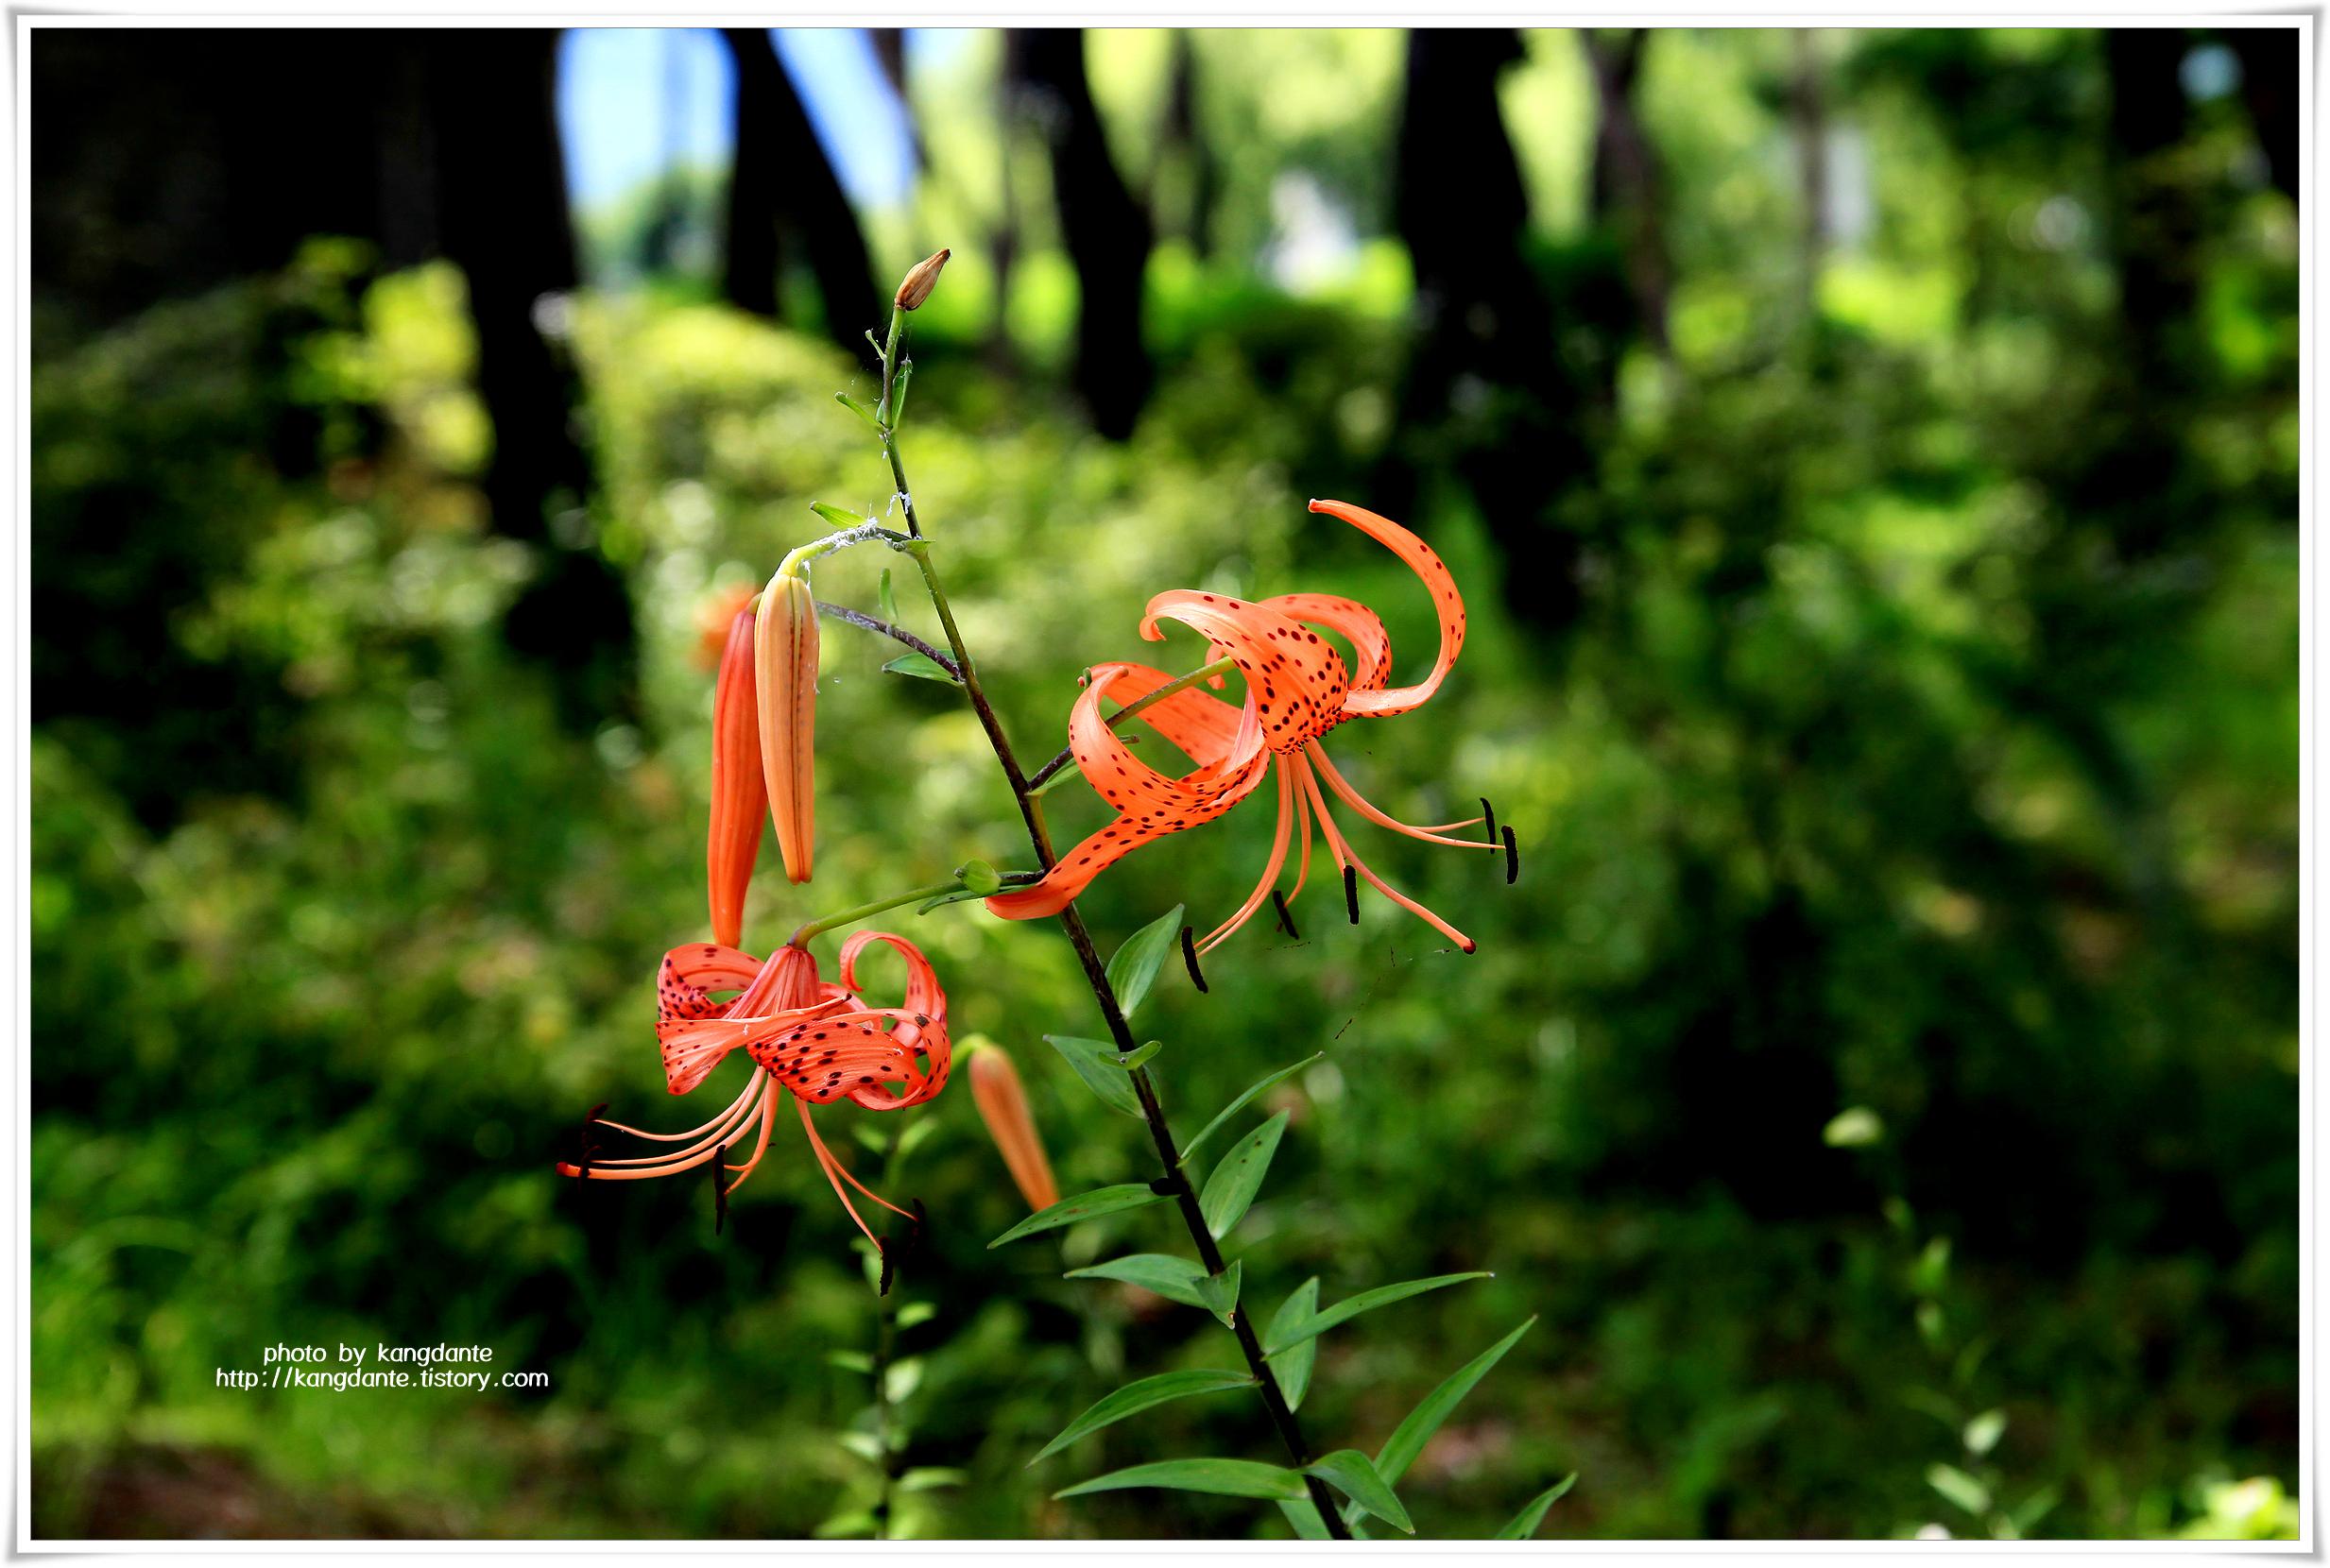 세미원의 참나리꽃과 능소화